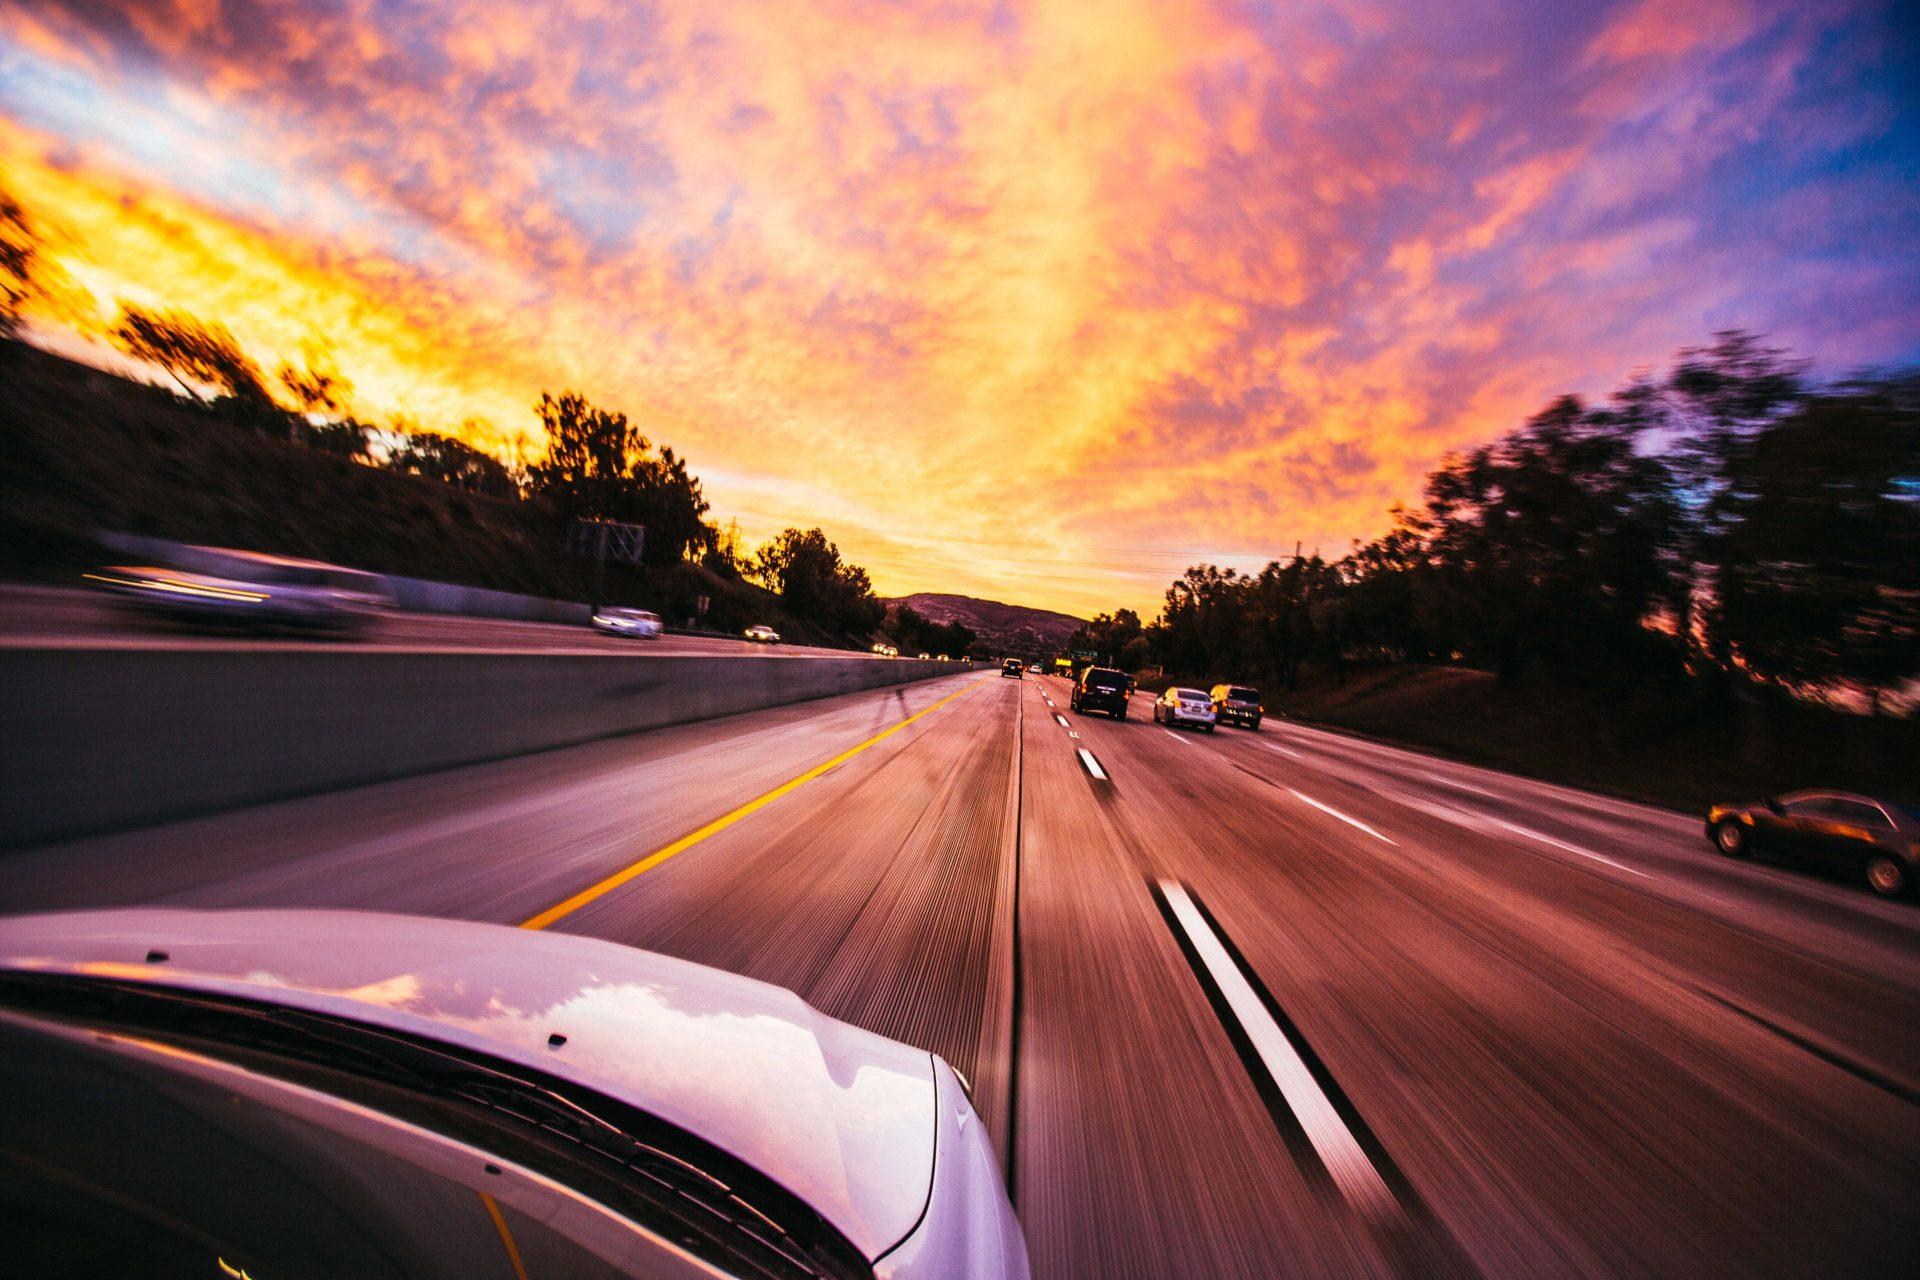 Viaggio-in-auto-1920x1280